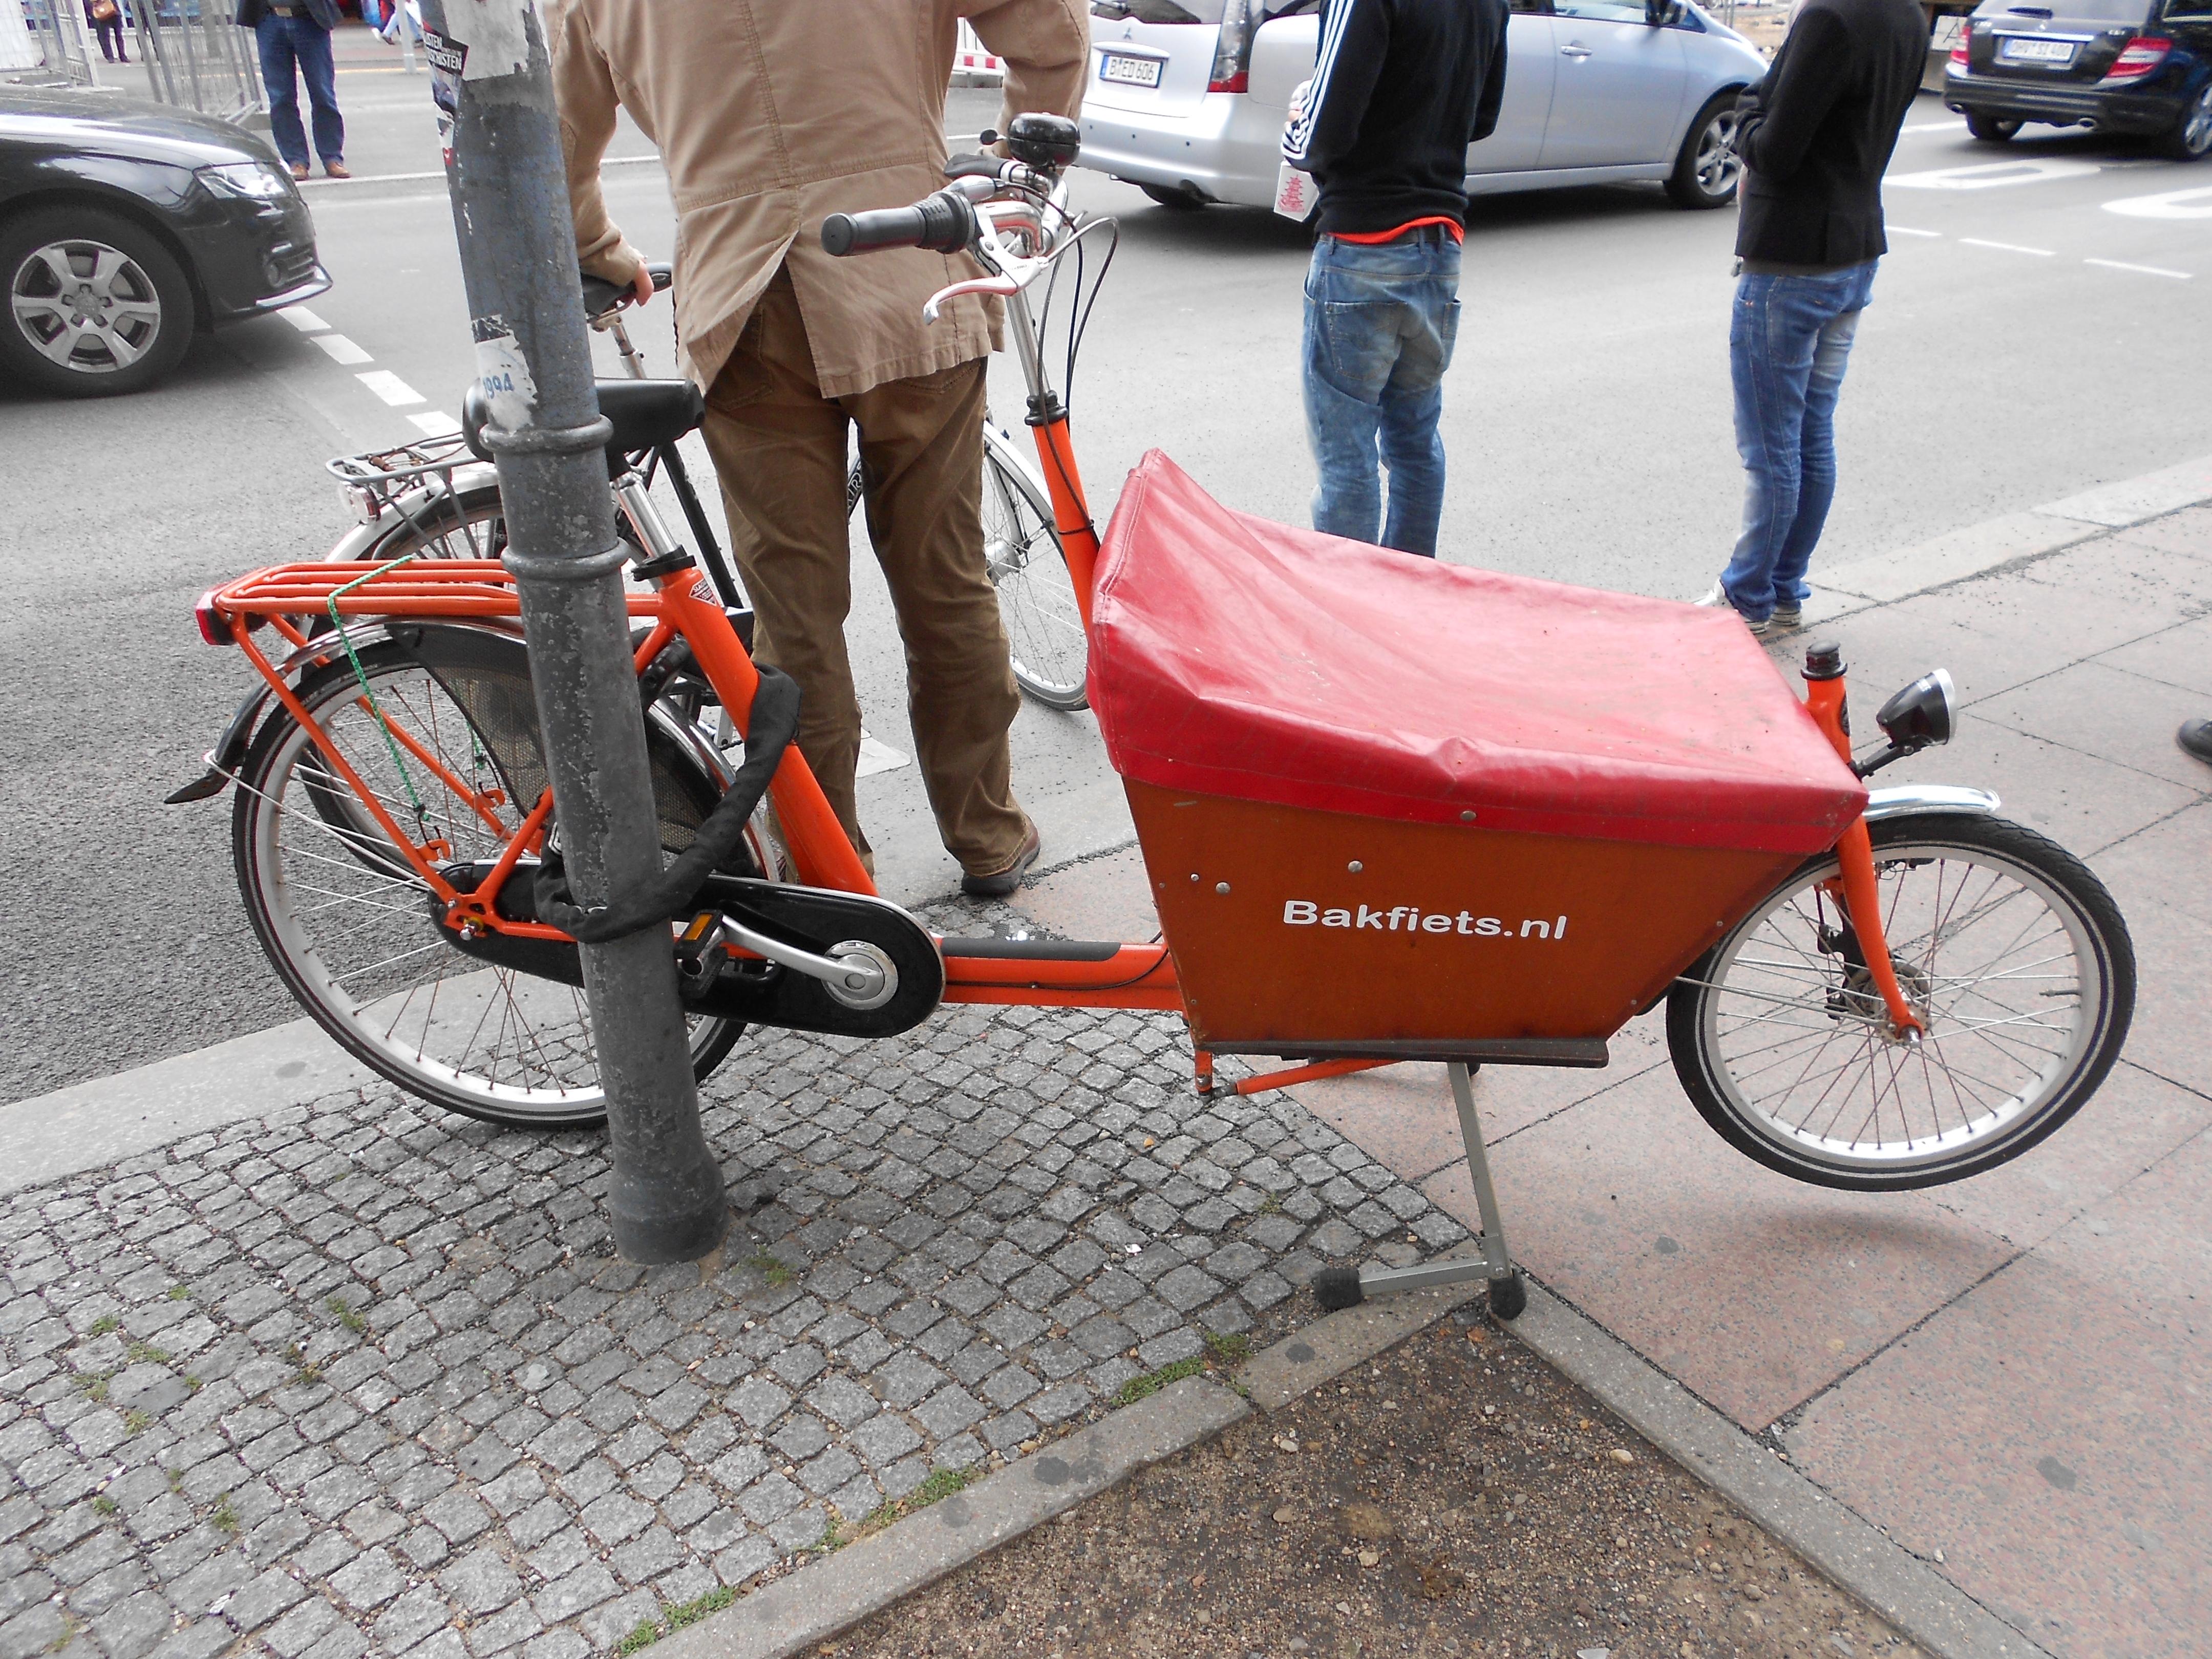 12-06-26-Велосипед-или-автомобили в Берлине-09.jpg